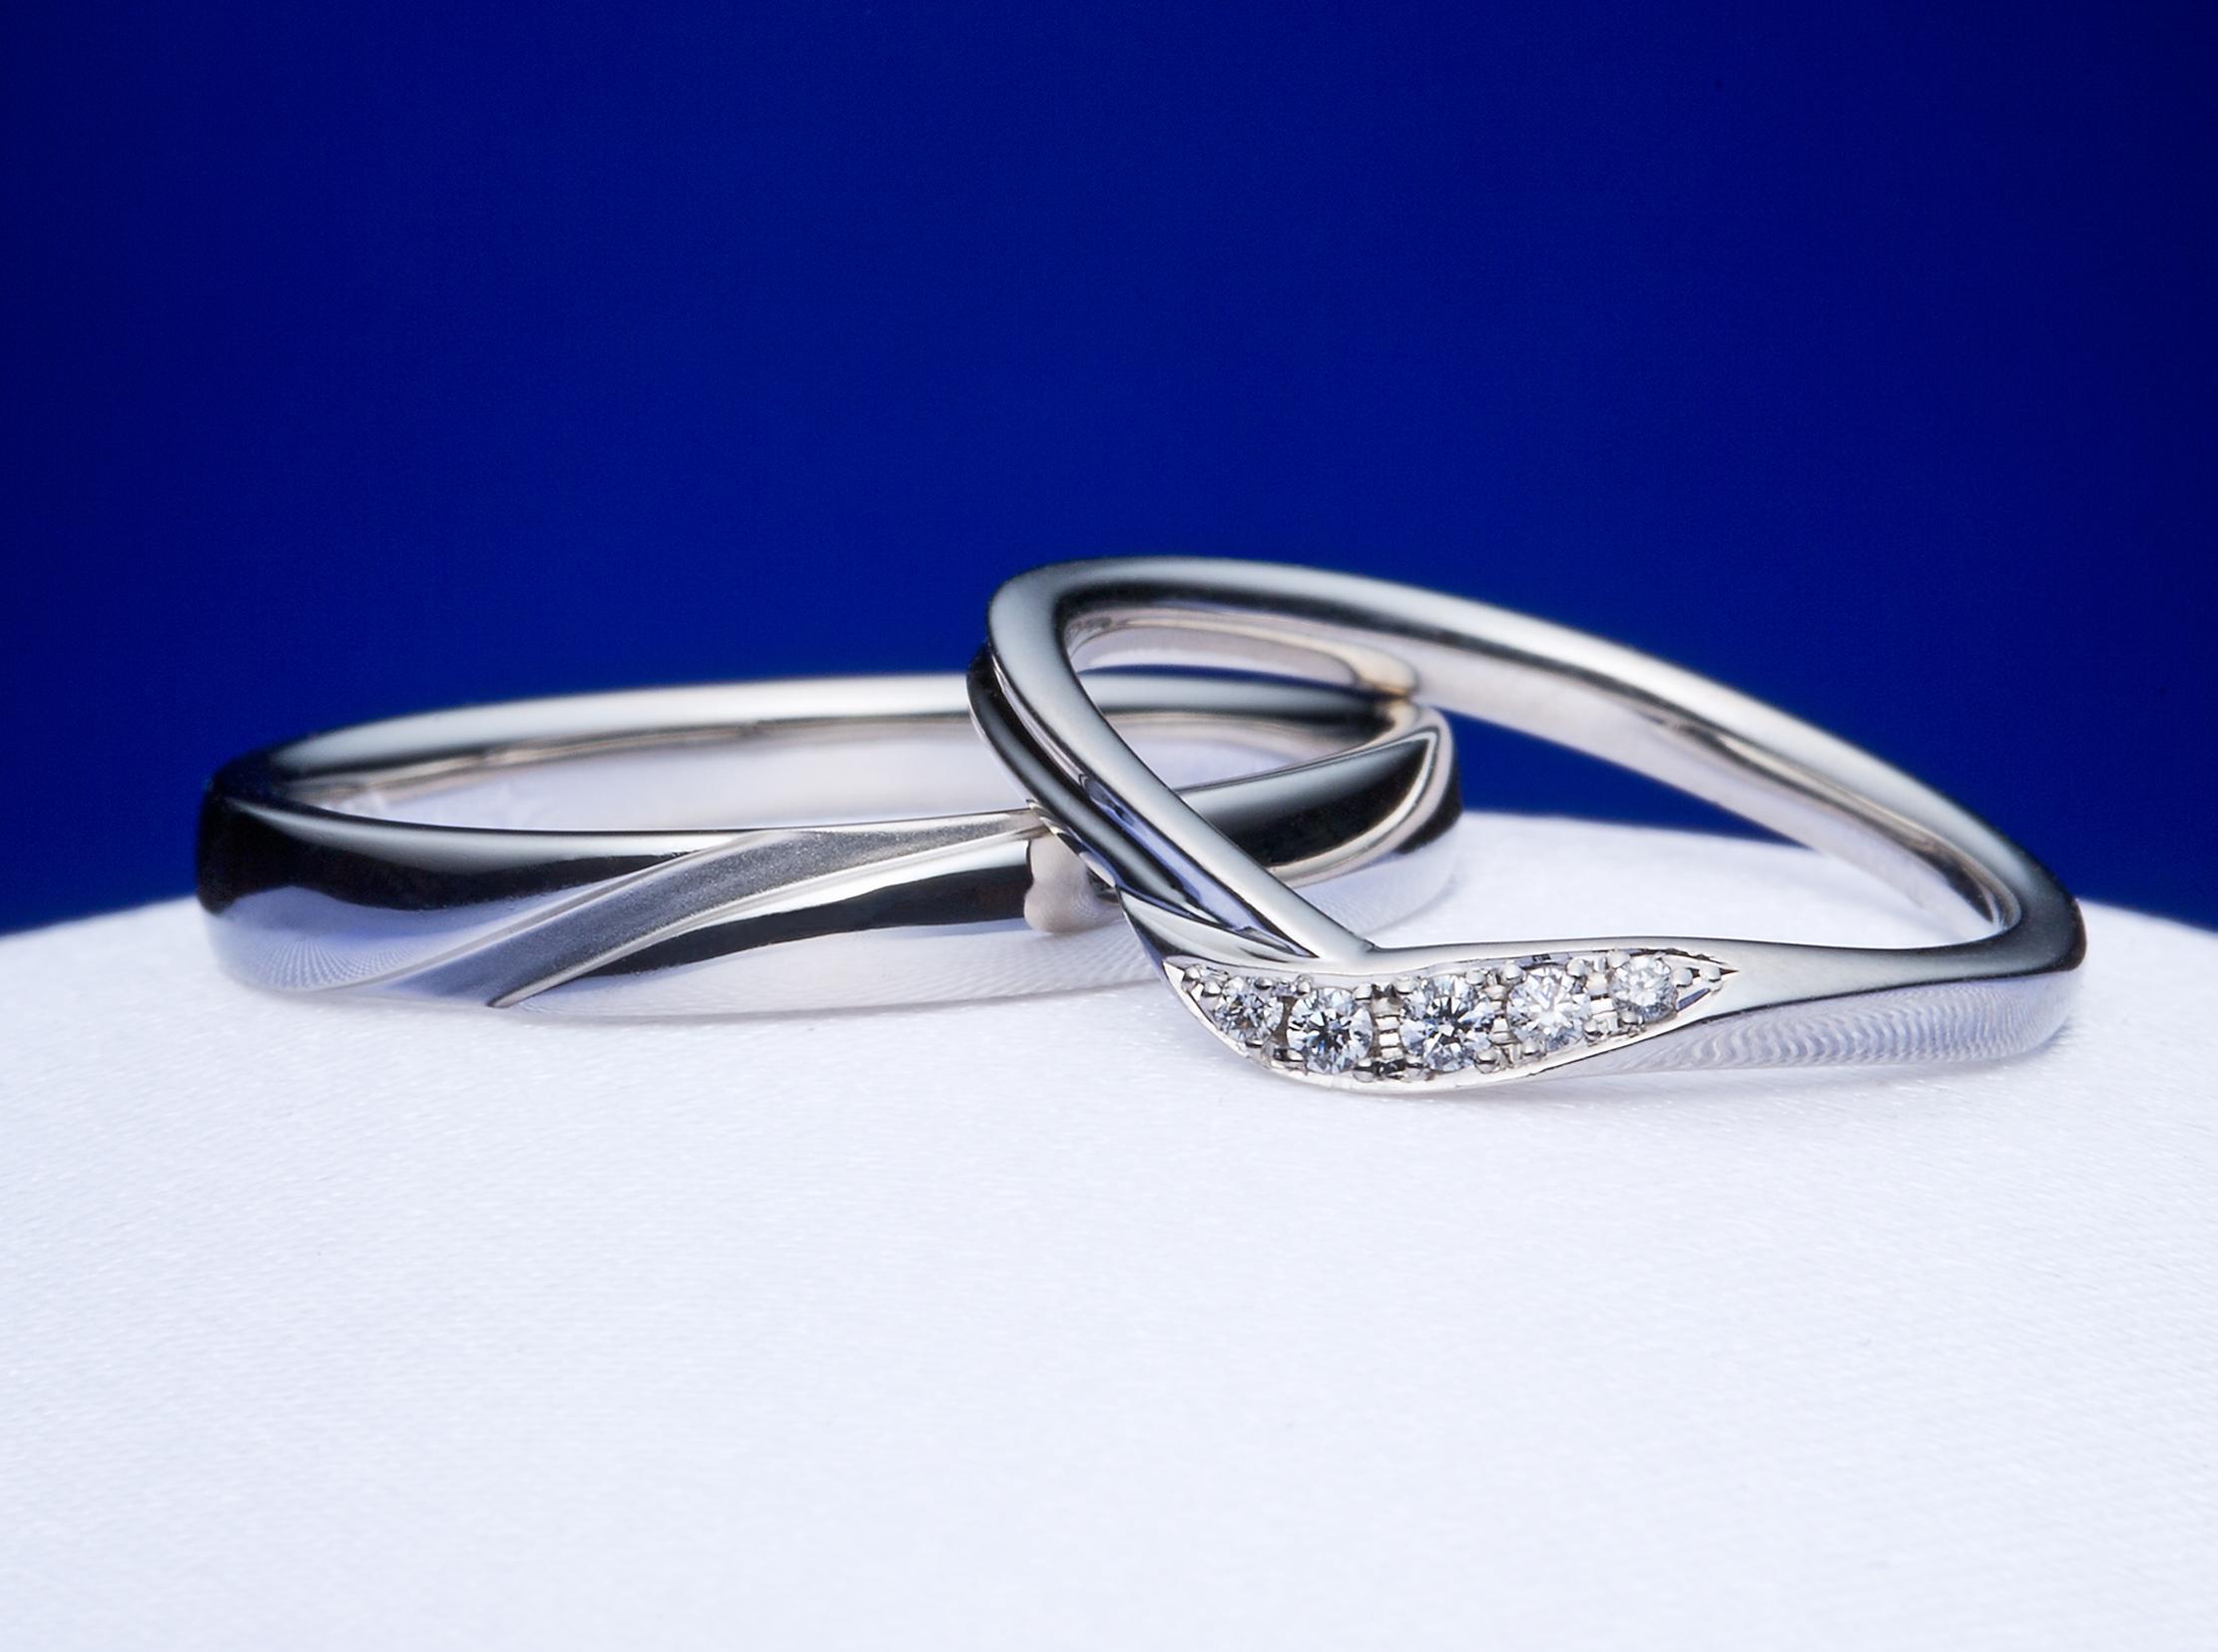 結婚指輪の好みが彼と合わなくても大丈夫!それぞれの好みでペア感を出せるマリッジリングがある♡【沼津市】